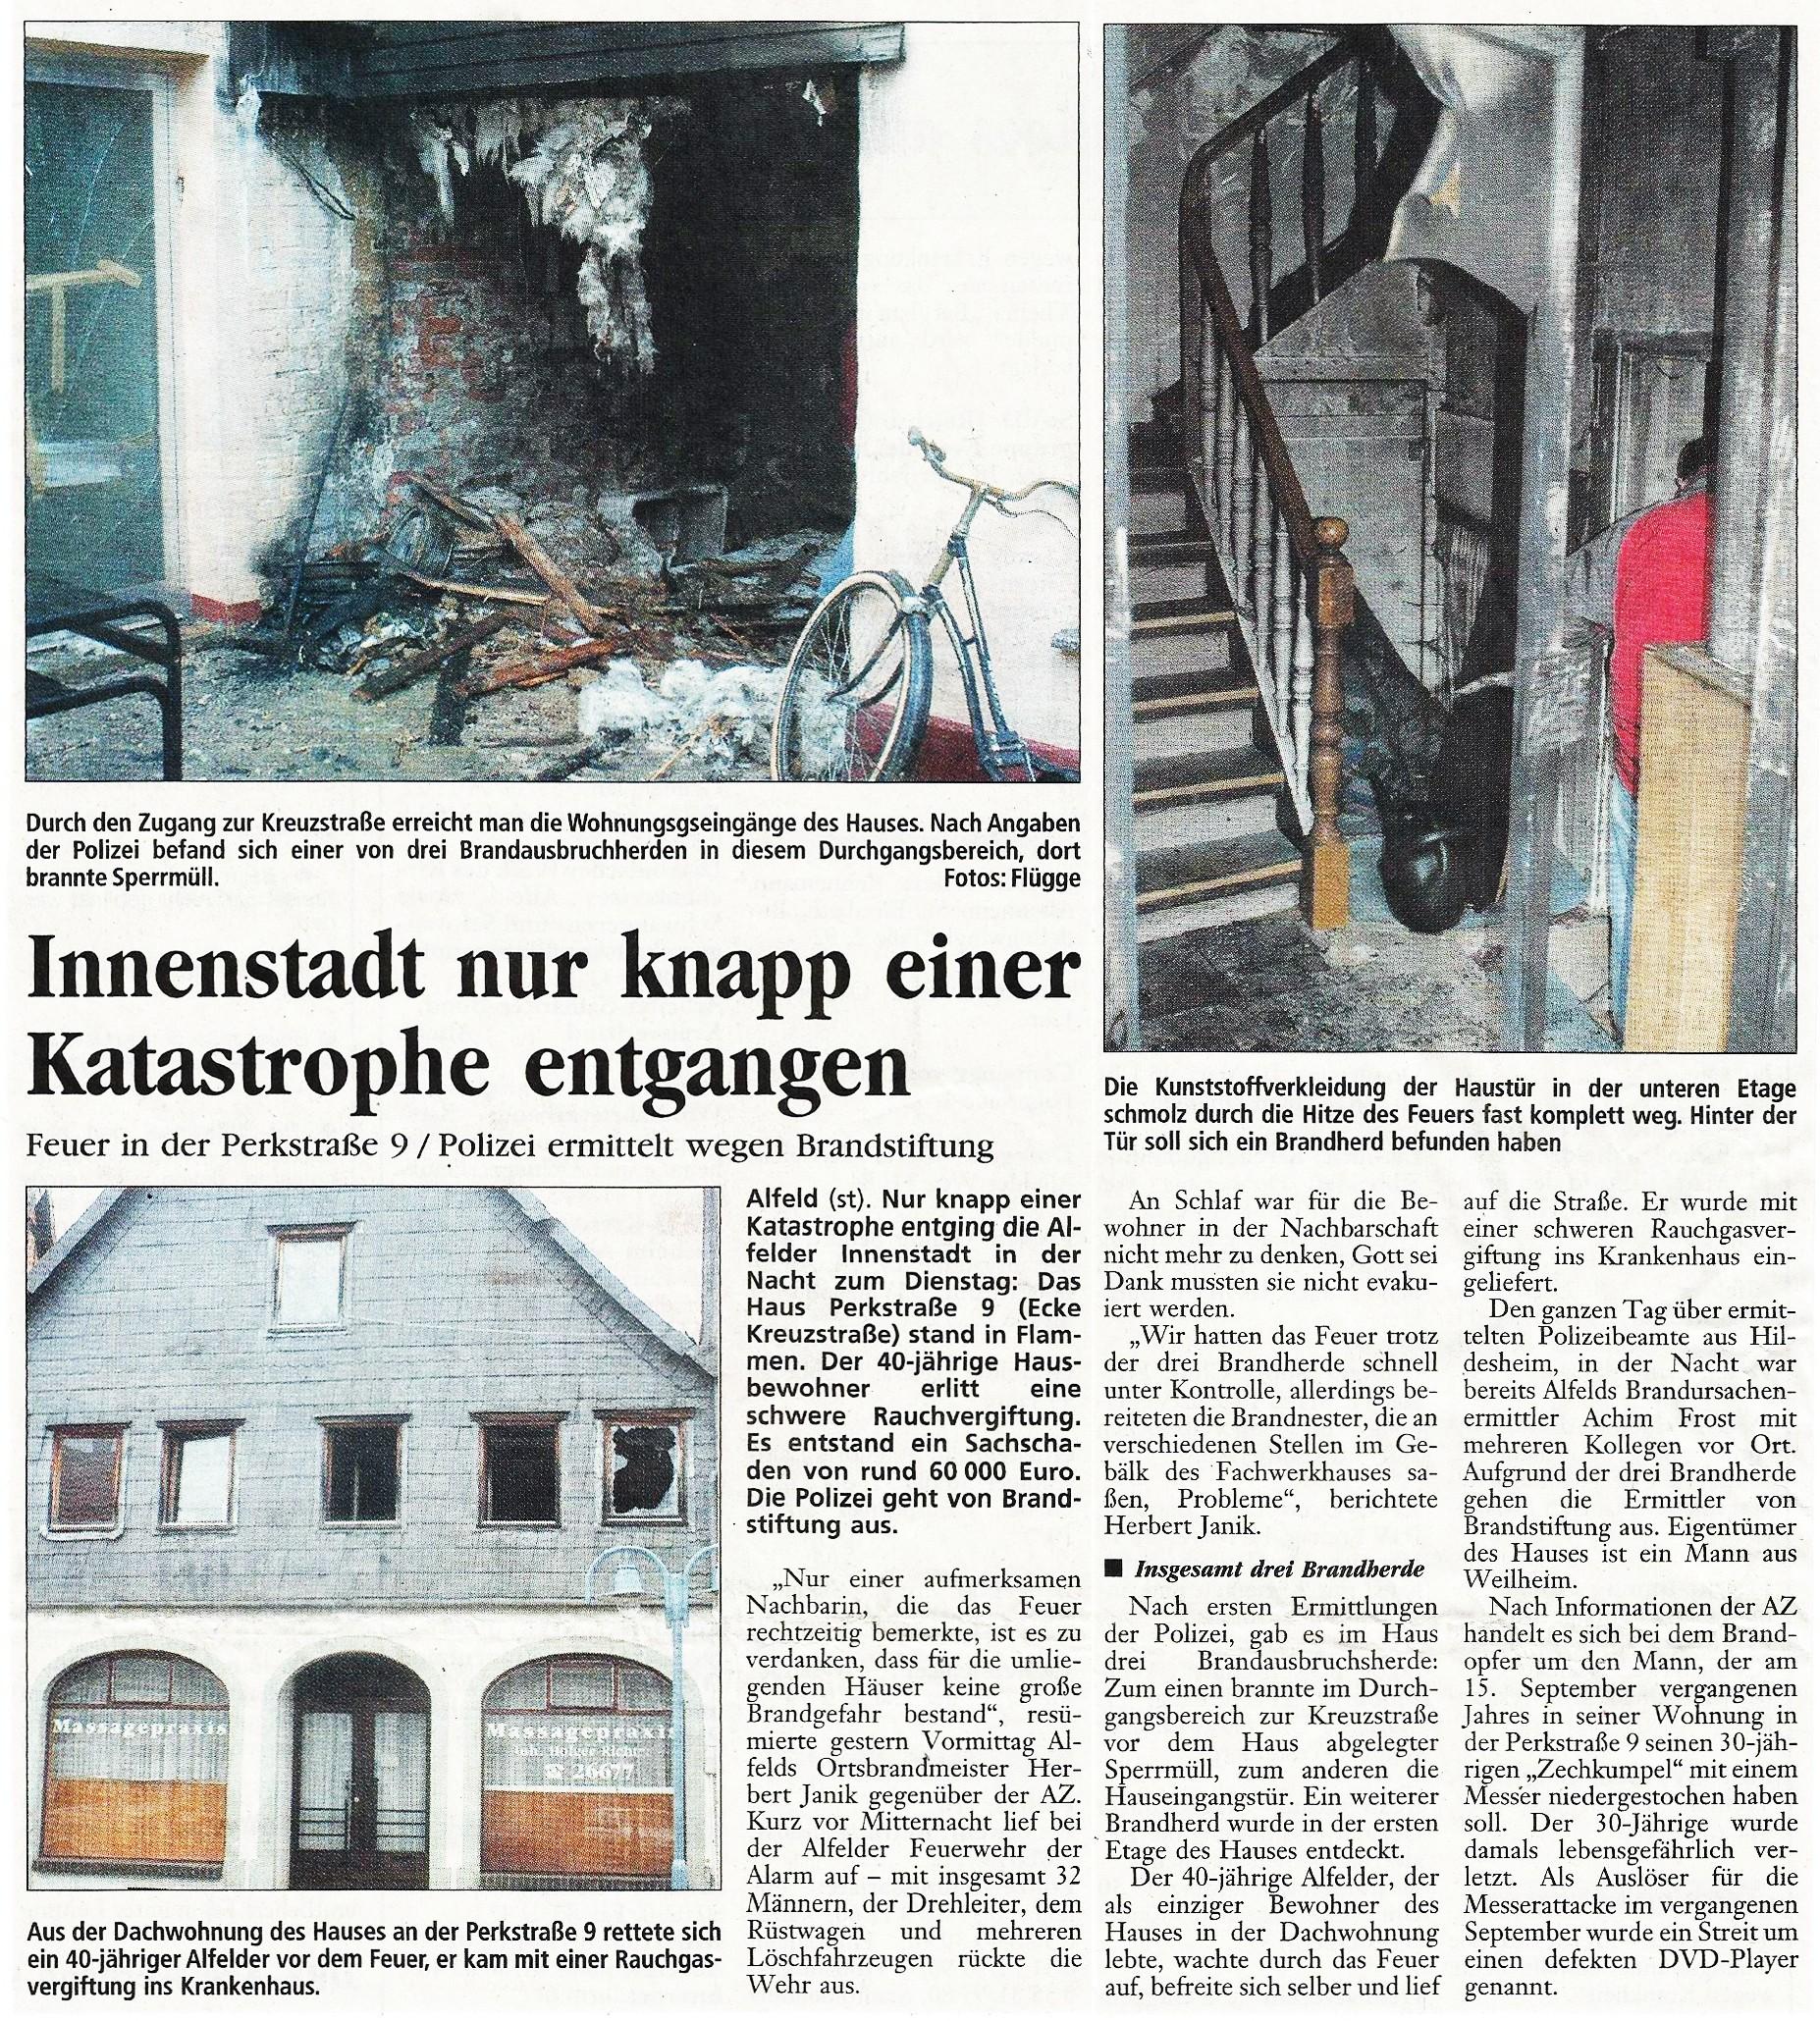 2005-03-09 Innenstadt nur knapp einer Katastrophe entgangen